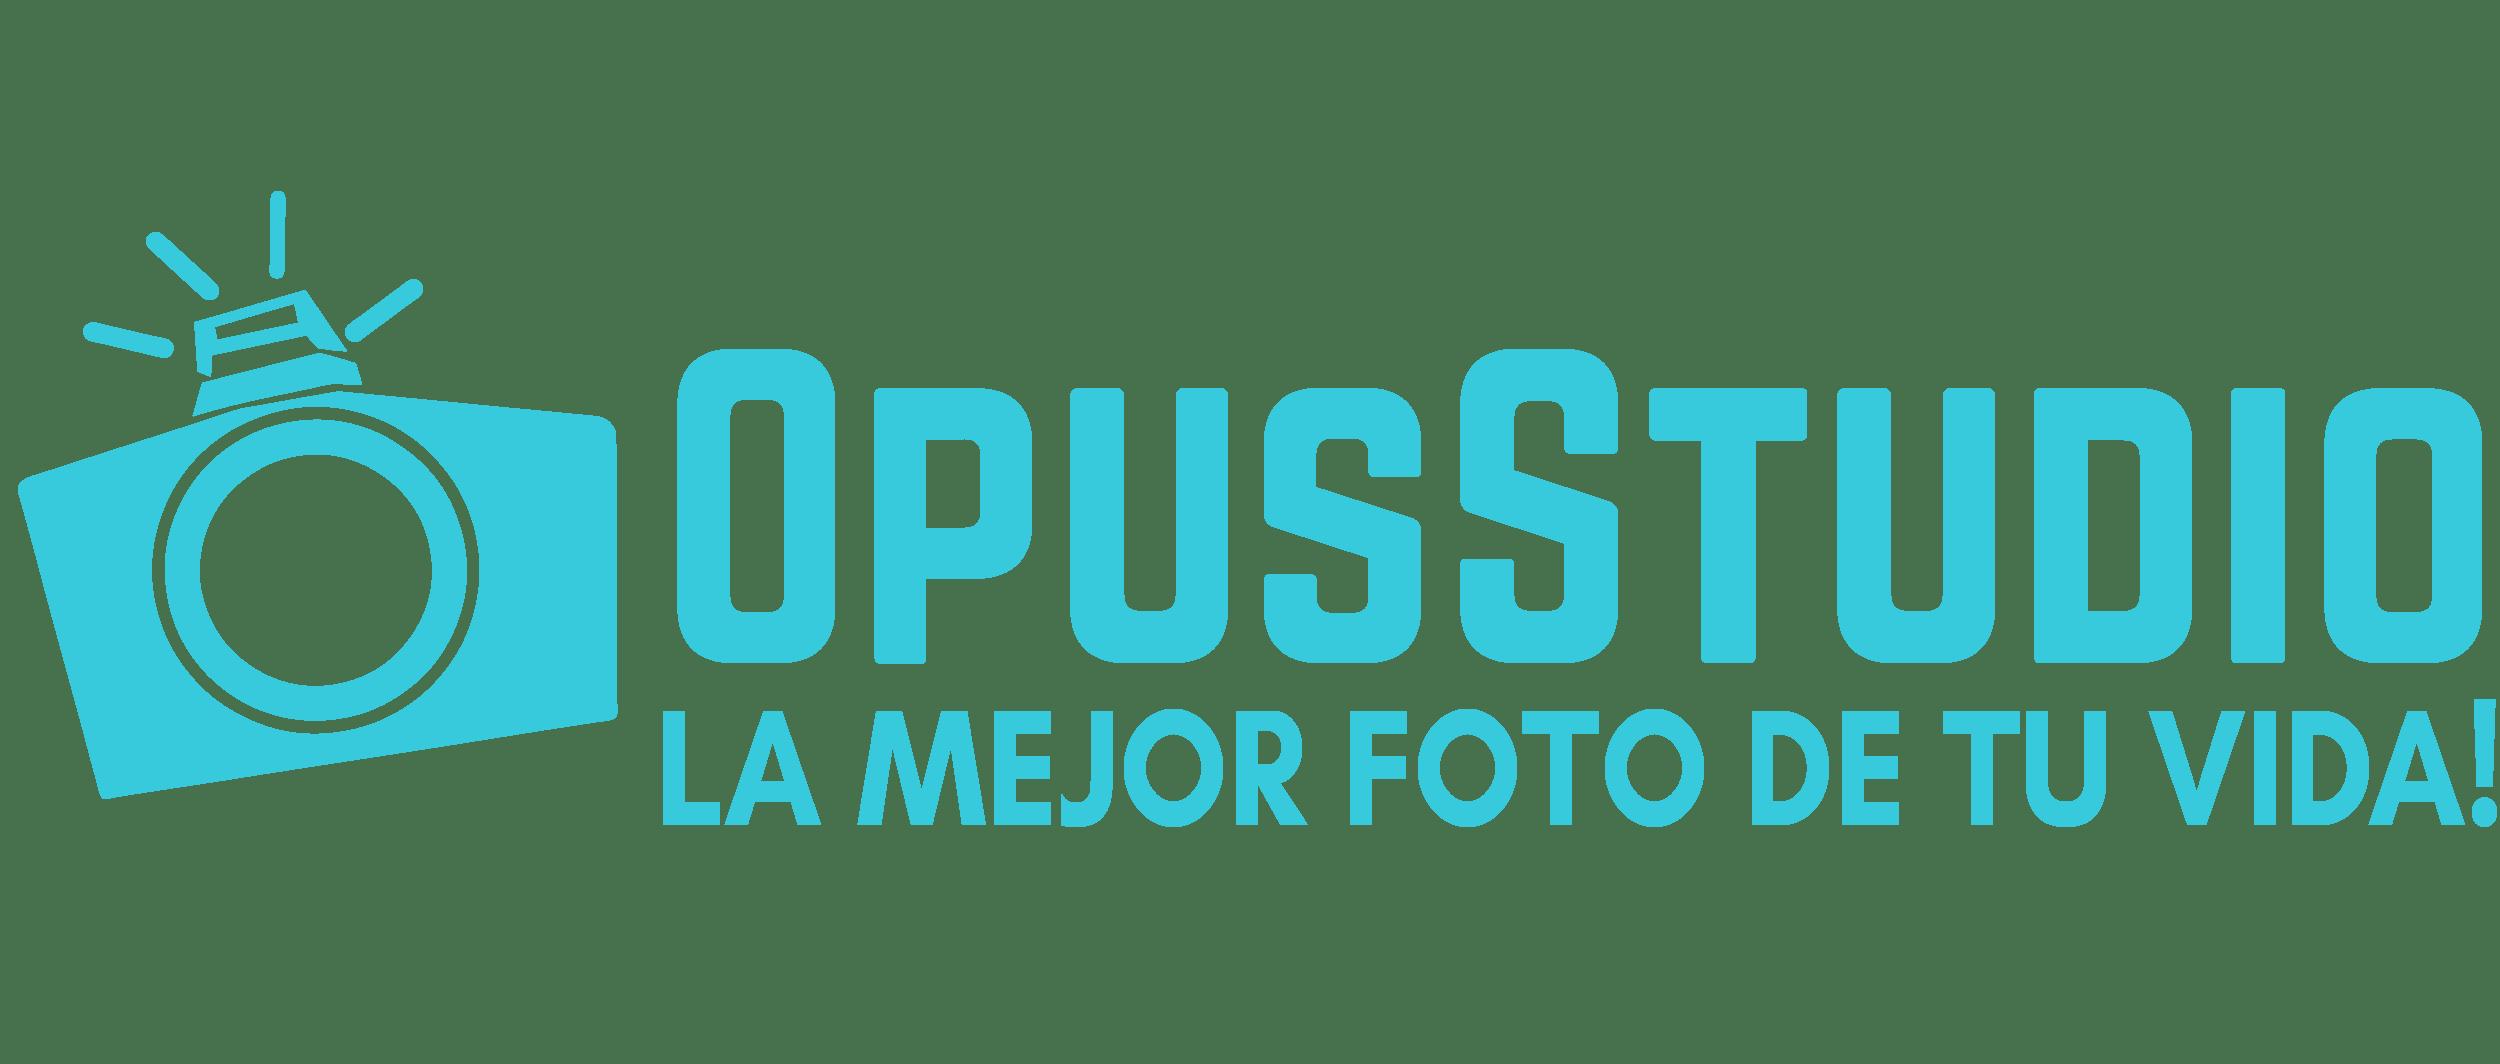 OpusStudio